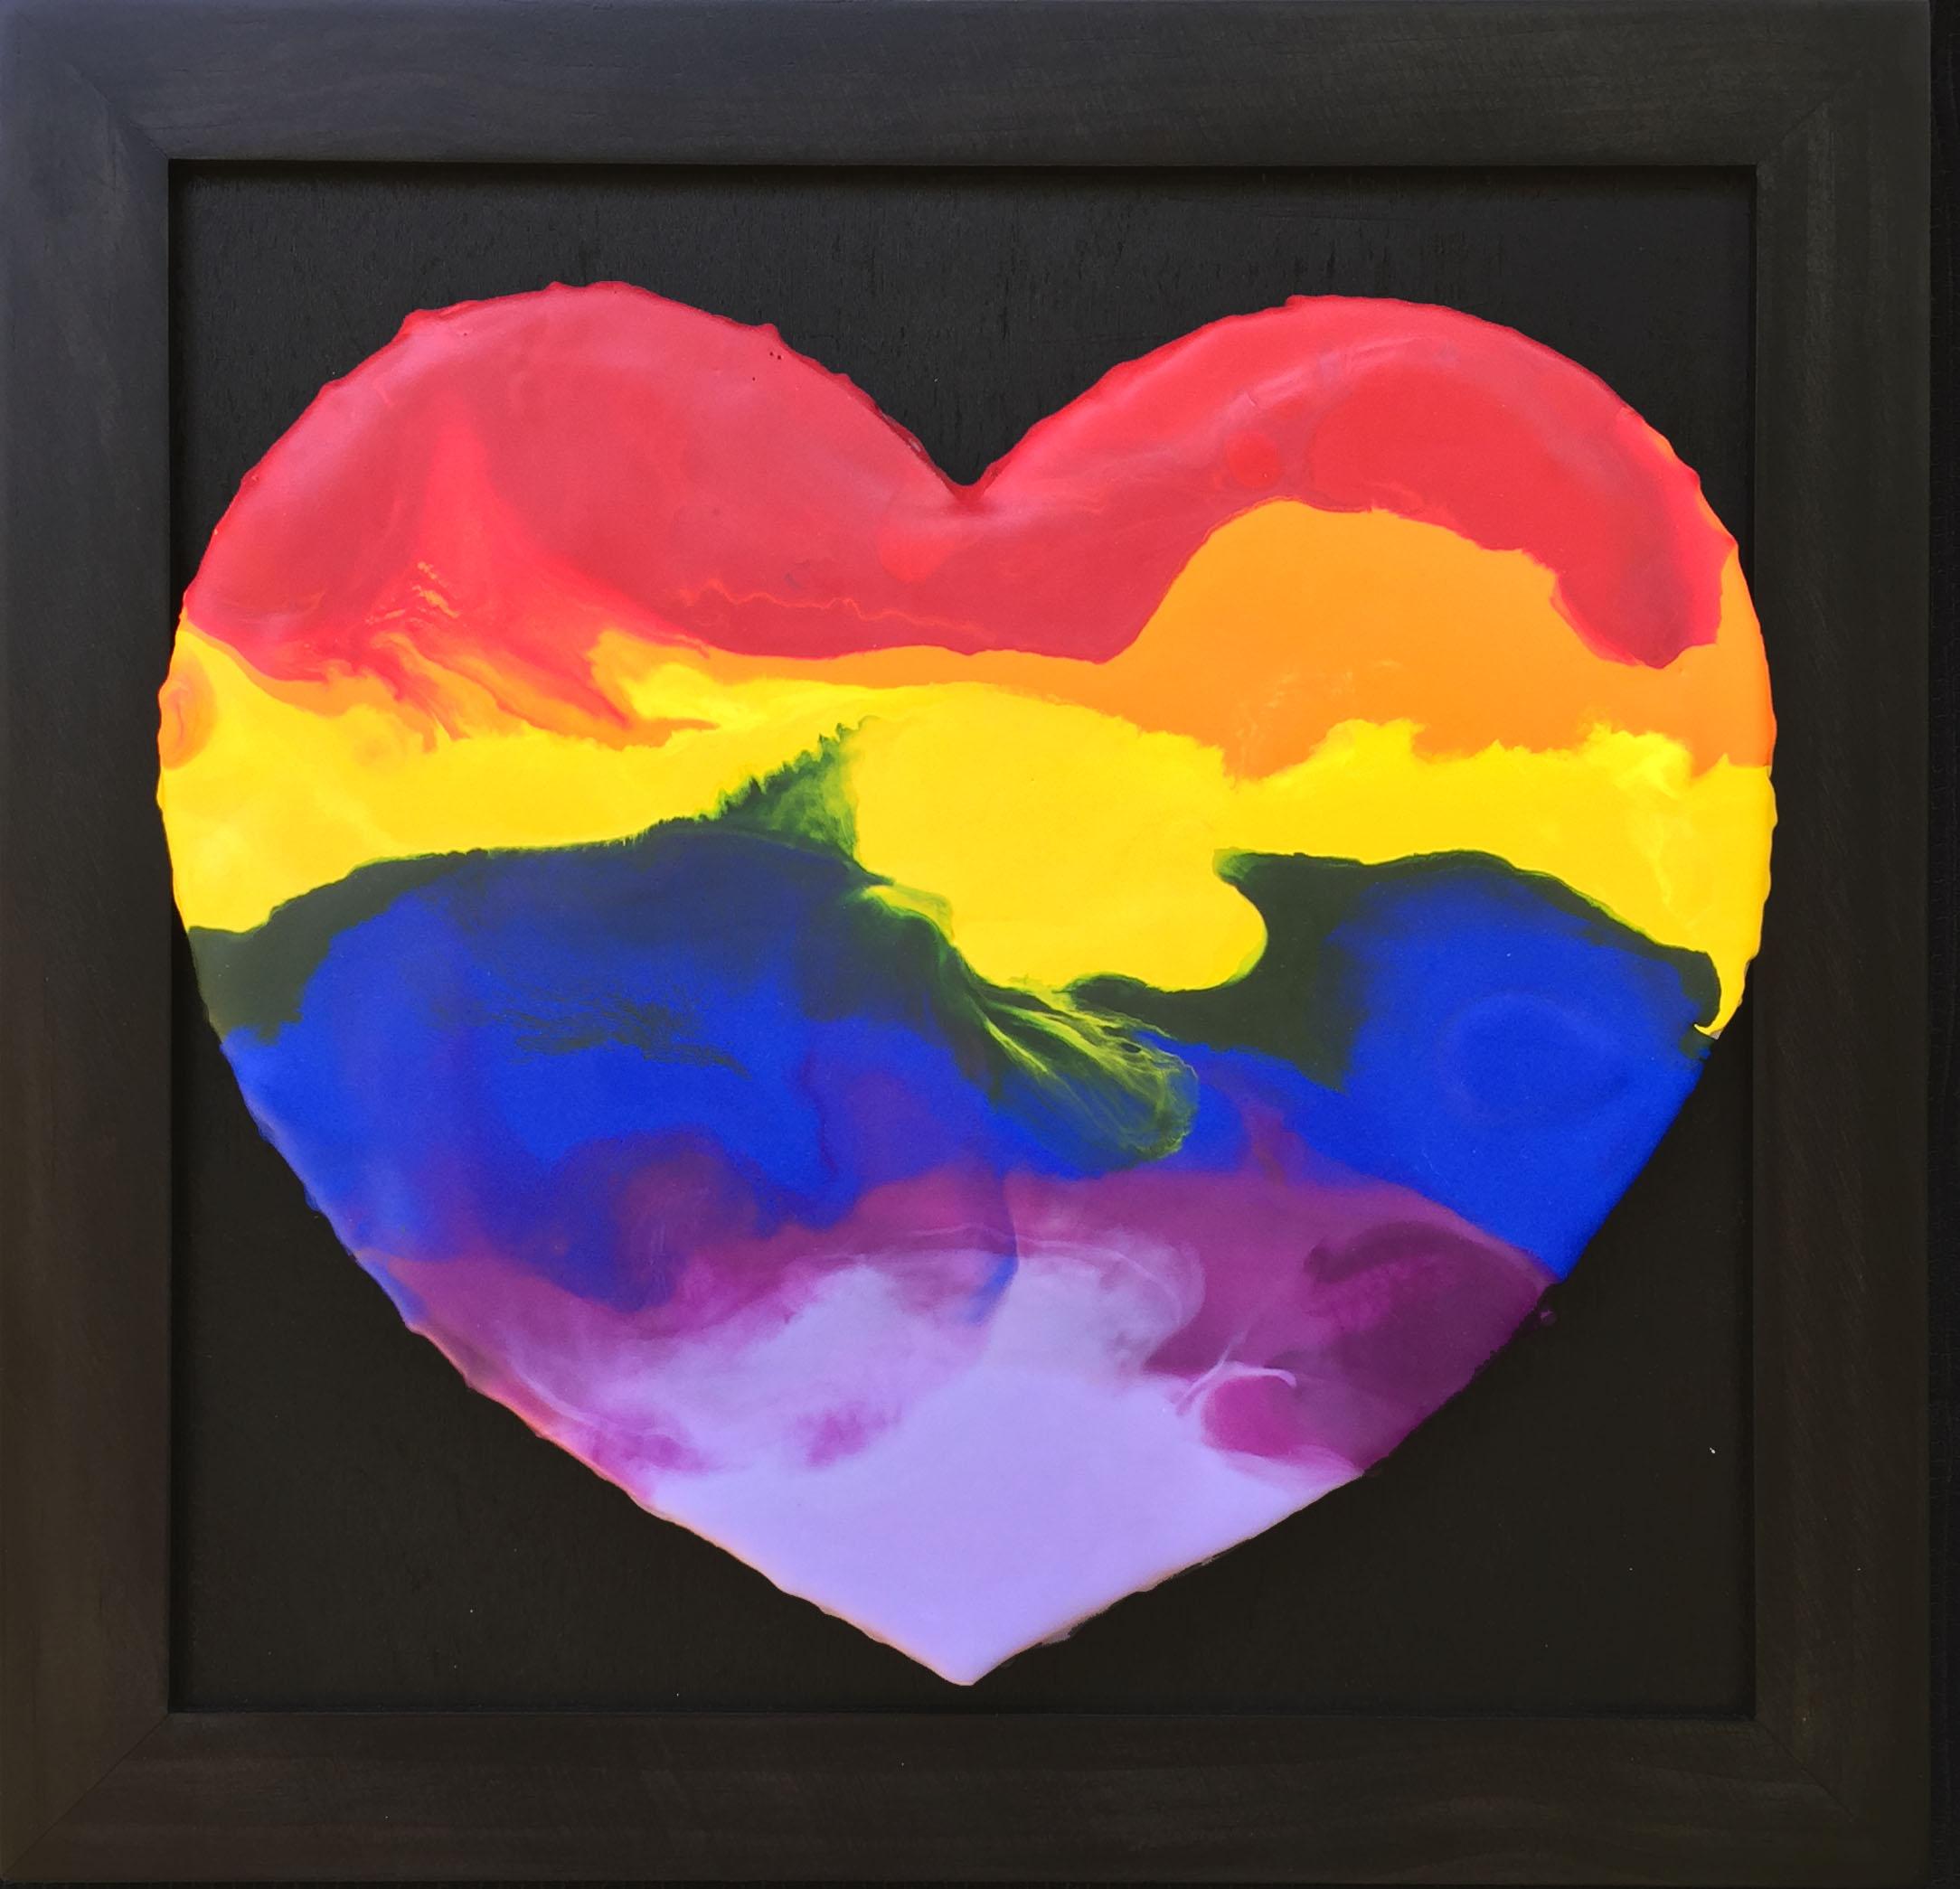 Heart19.jpg